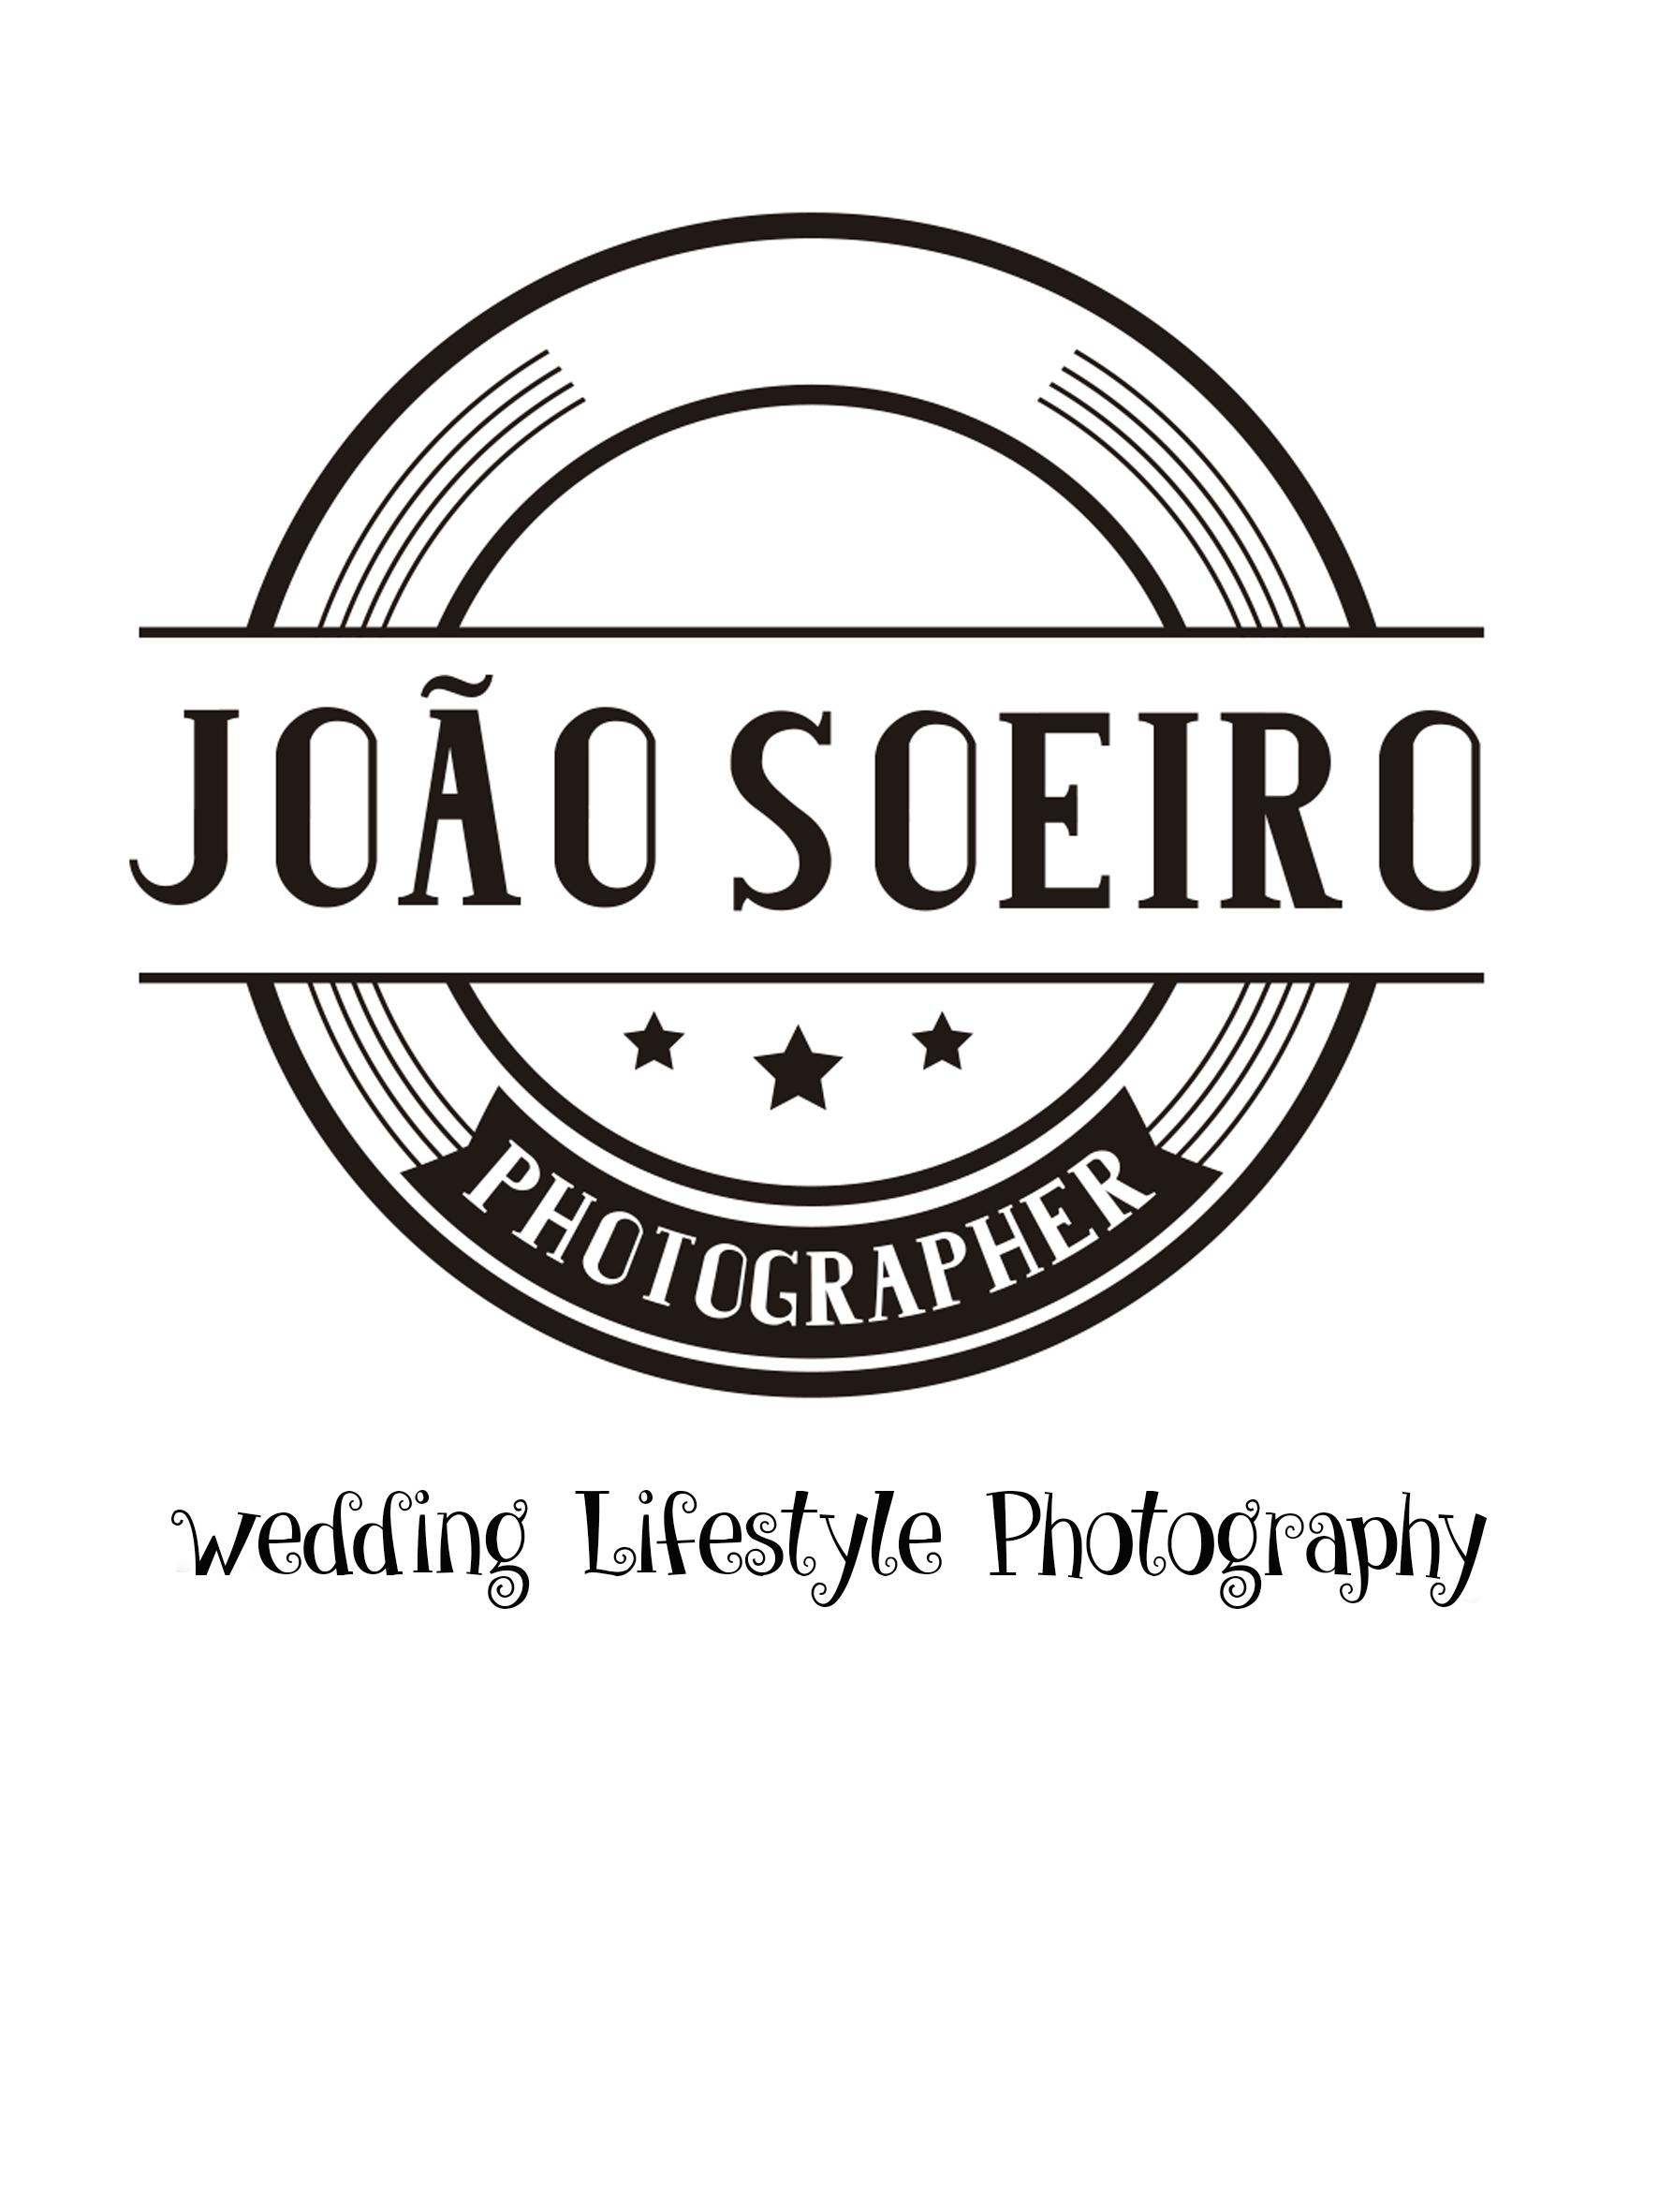 Contate João Soeiro Photographer Casamentos - weddings Portugal